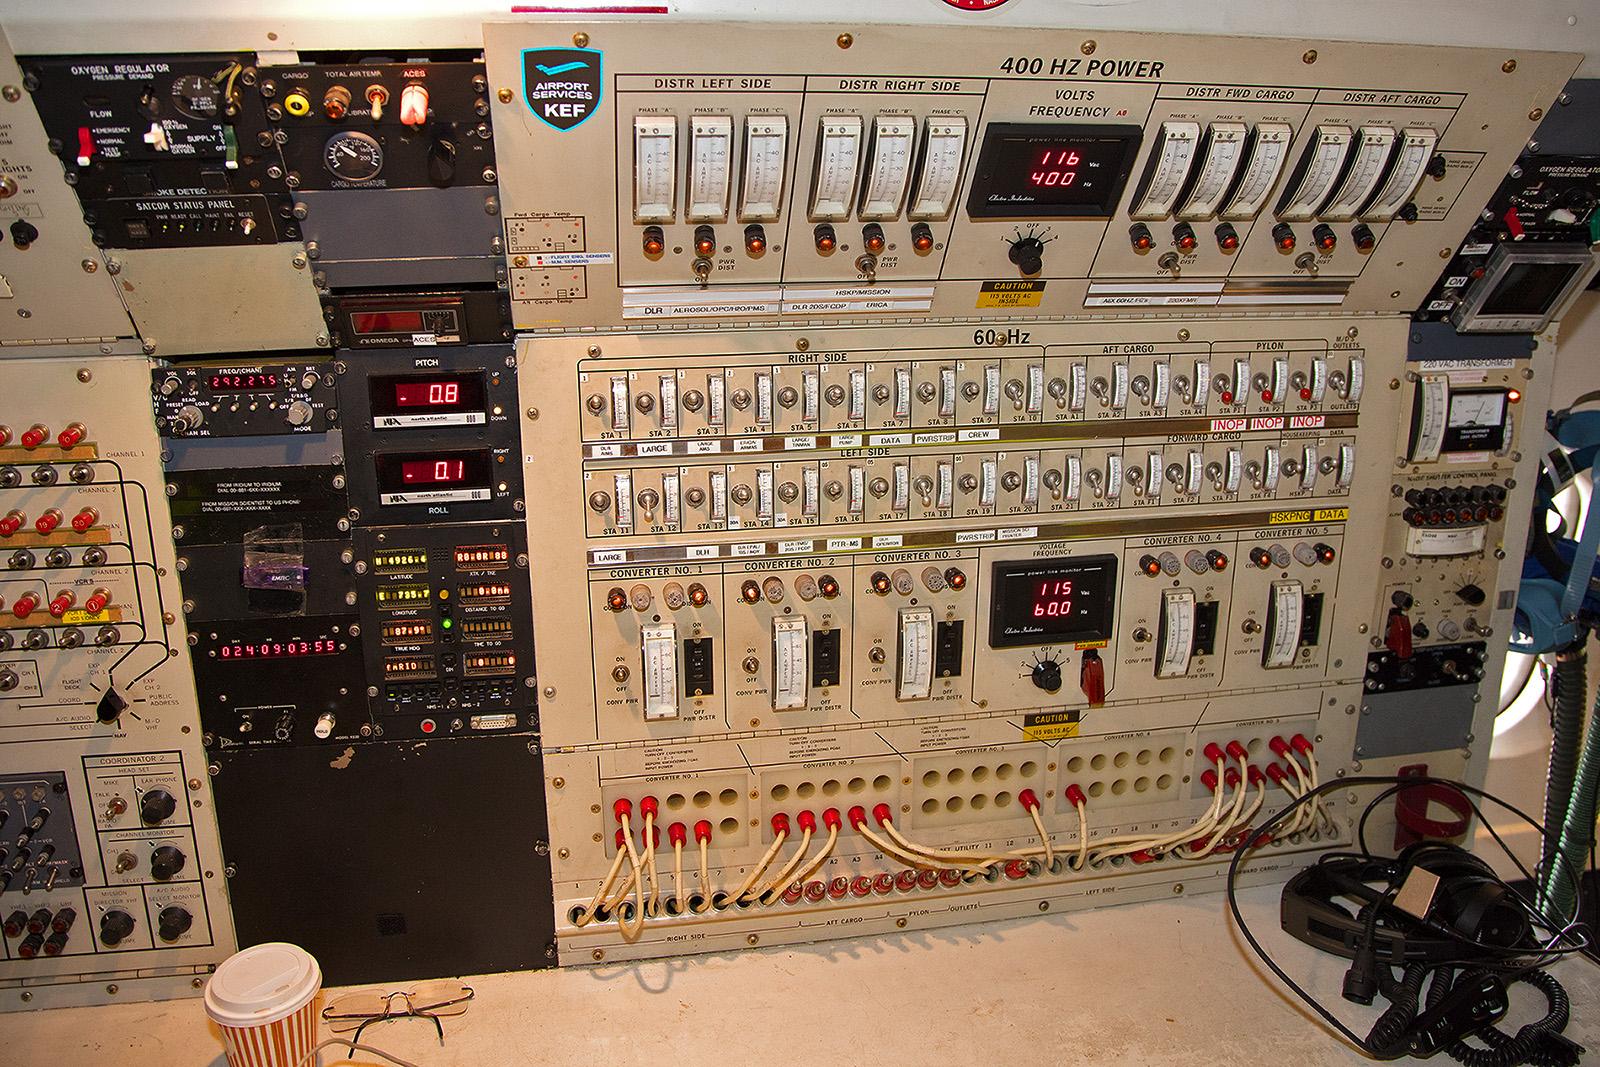 Die Powerstation in der Douglas erinnert eher an eine Telefonzentrale der 1940´er Jahre.